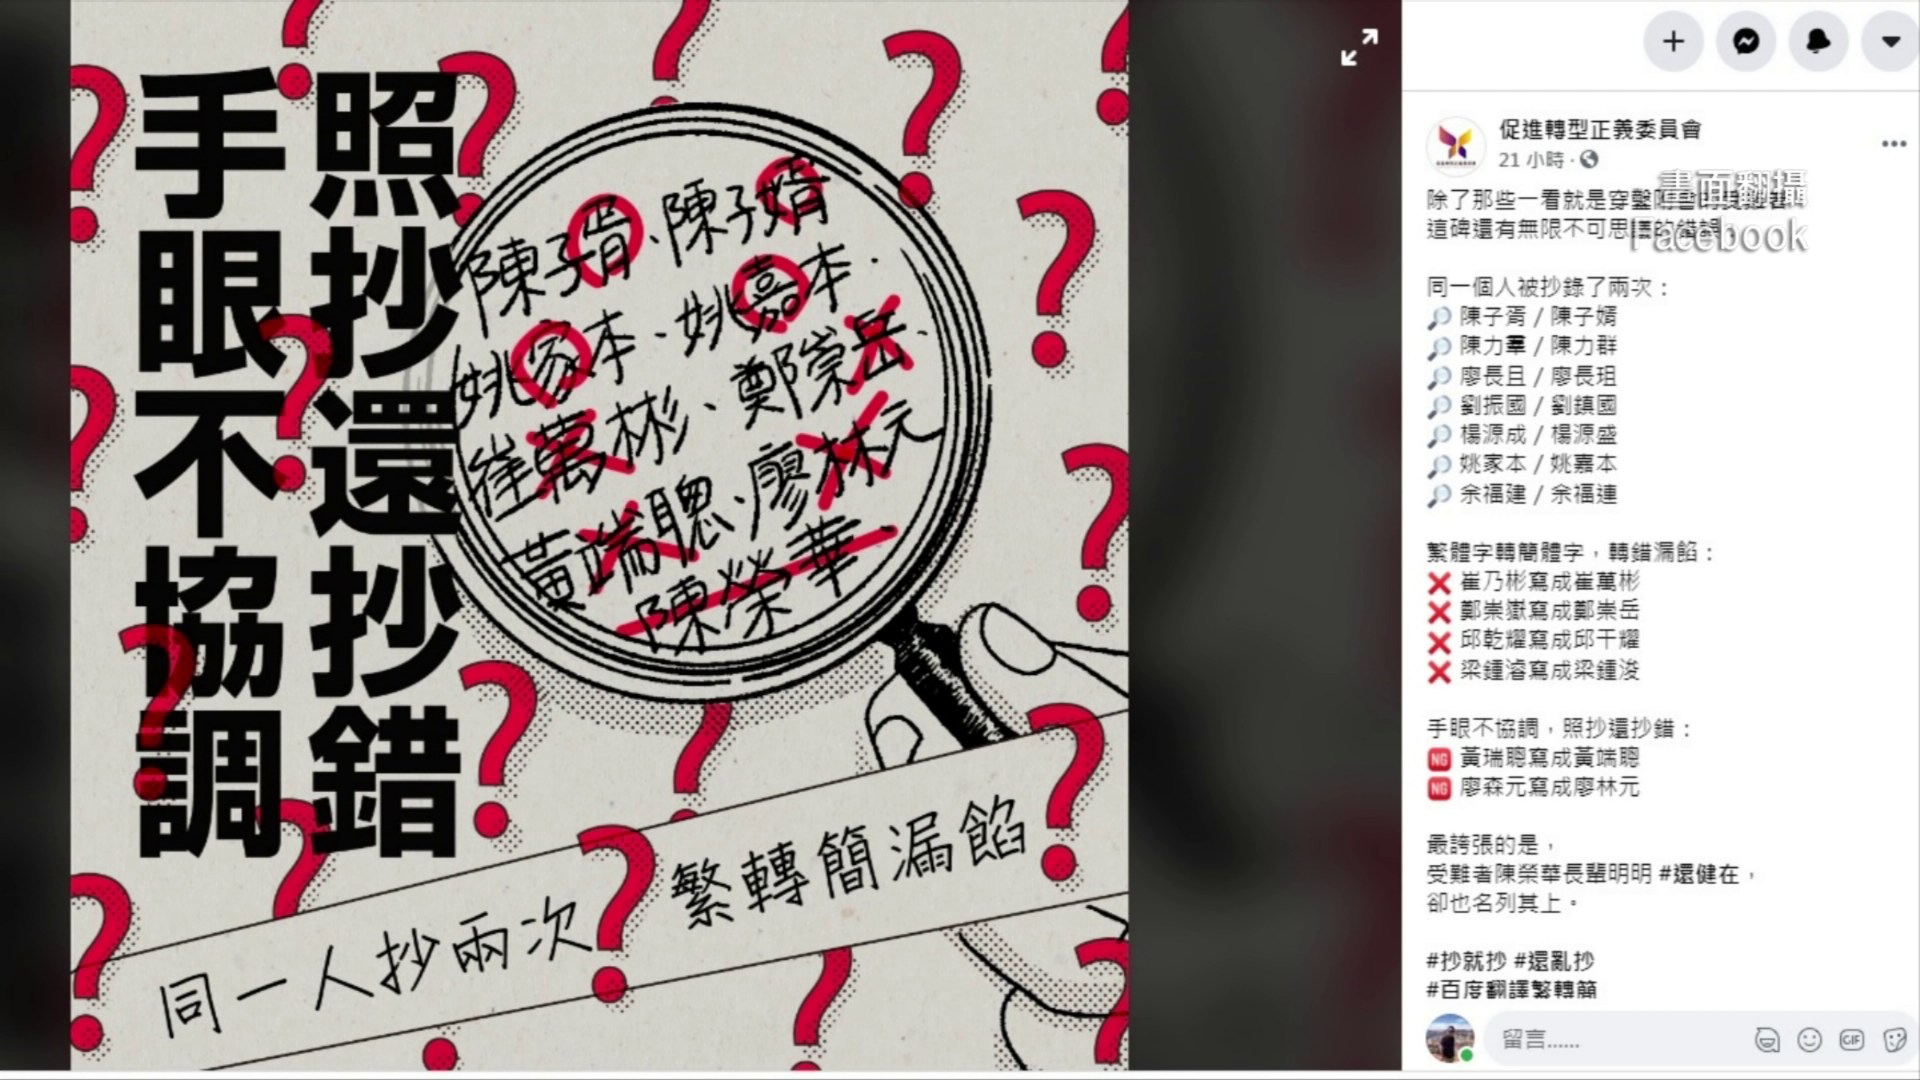 抄襲台灣政治受難者!北京無名英雄紀念牆涉「造假」